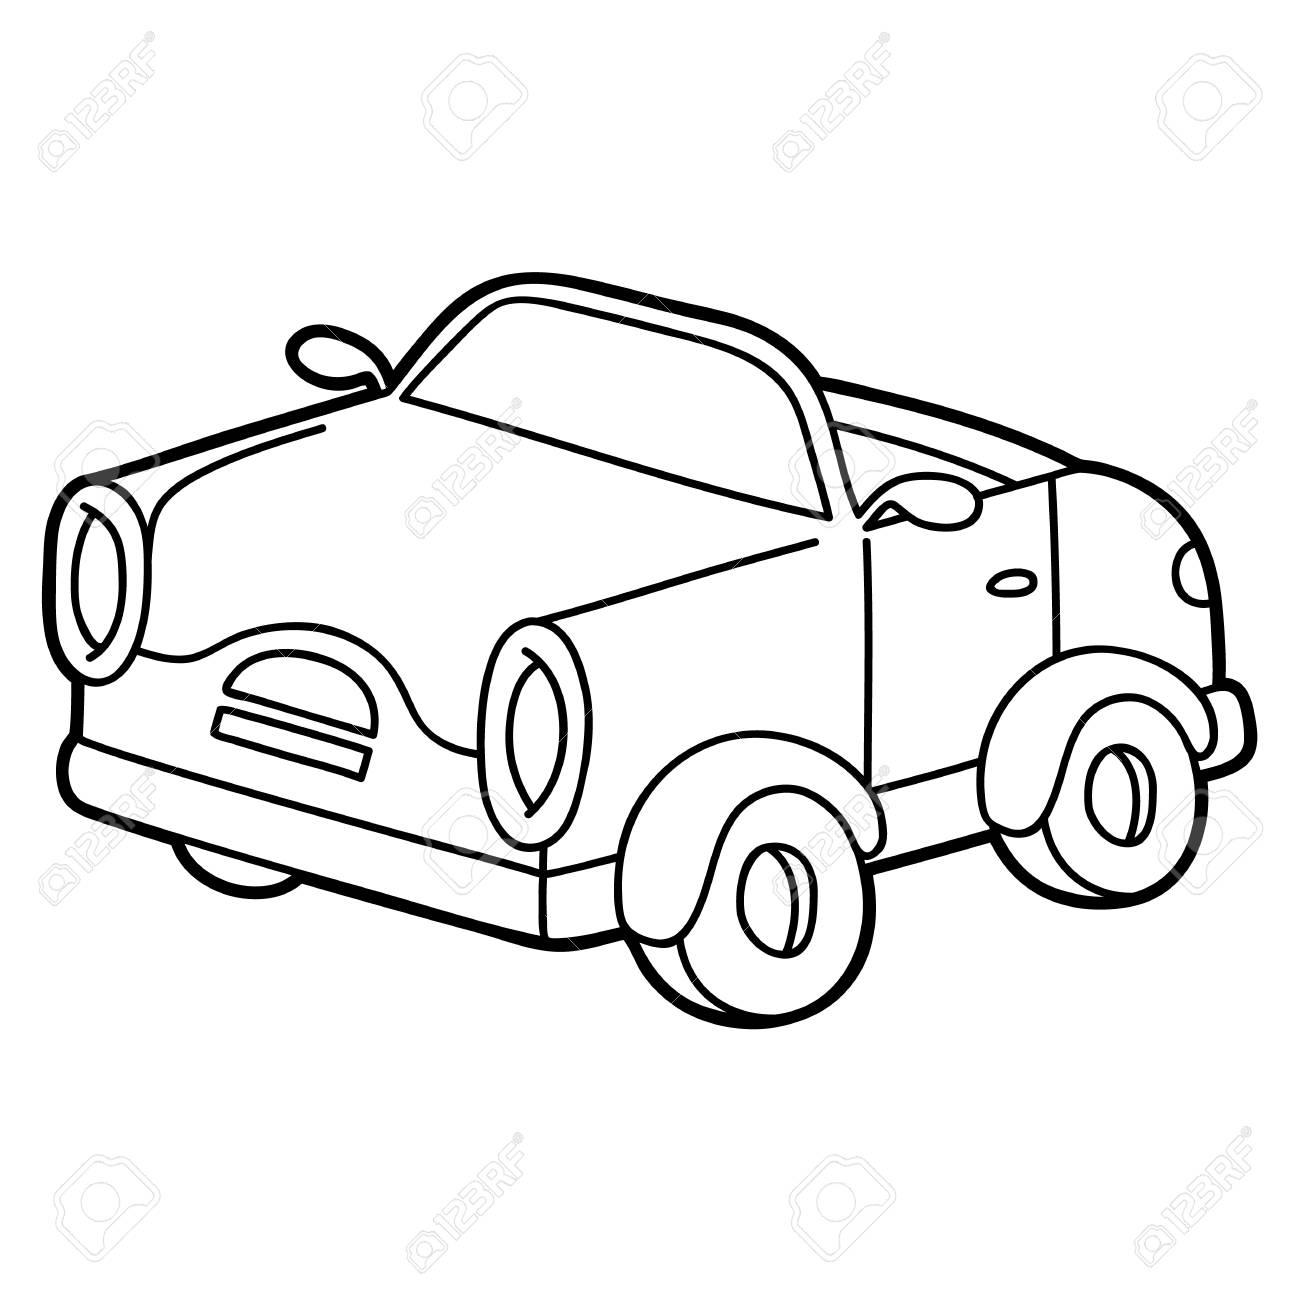 Ausmalbilder Auto Renault : Gro Z Gig Auto Malvorlagen Galerie Beispielzusammenfassung Ideen